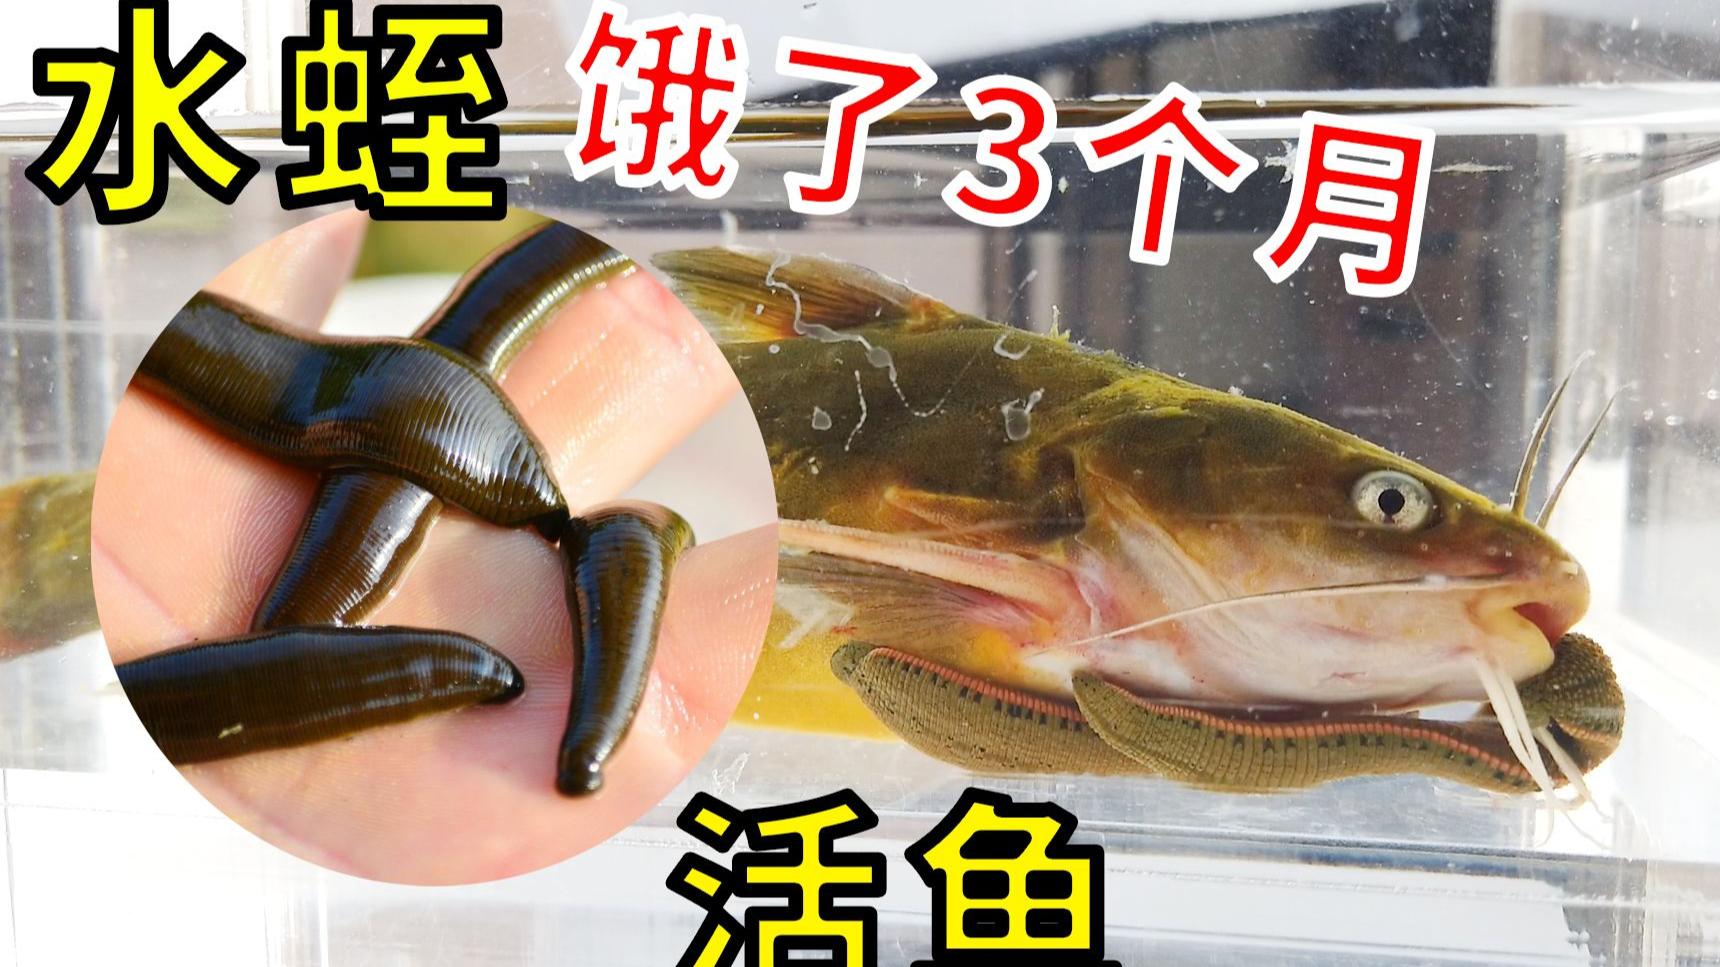 【实验】饿了3个月的水蛭VS活鱼,会发生什么神奇事情?